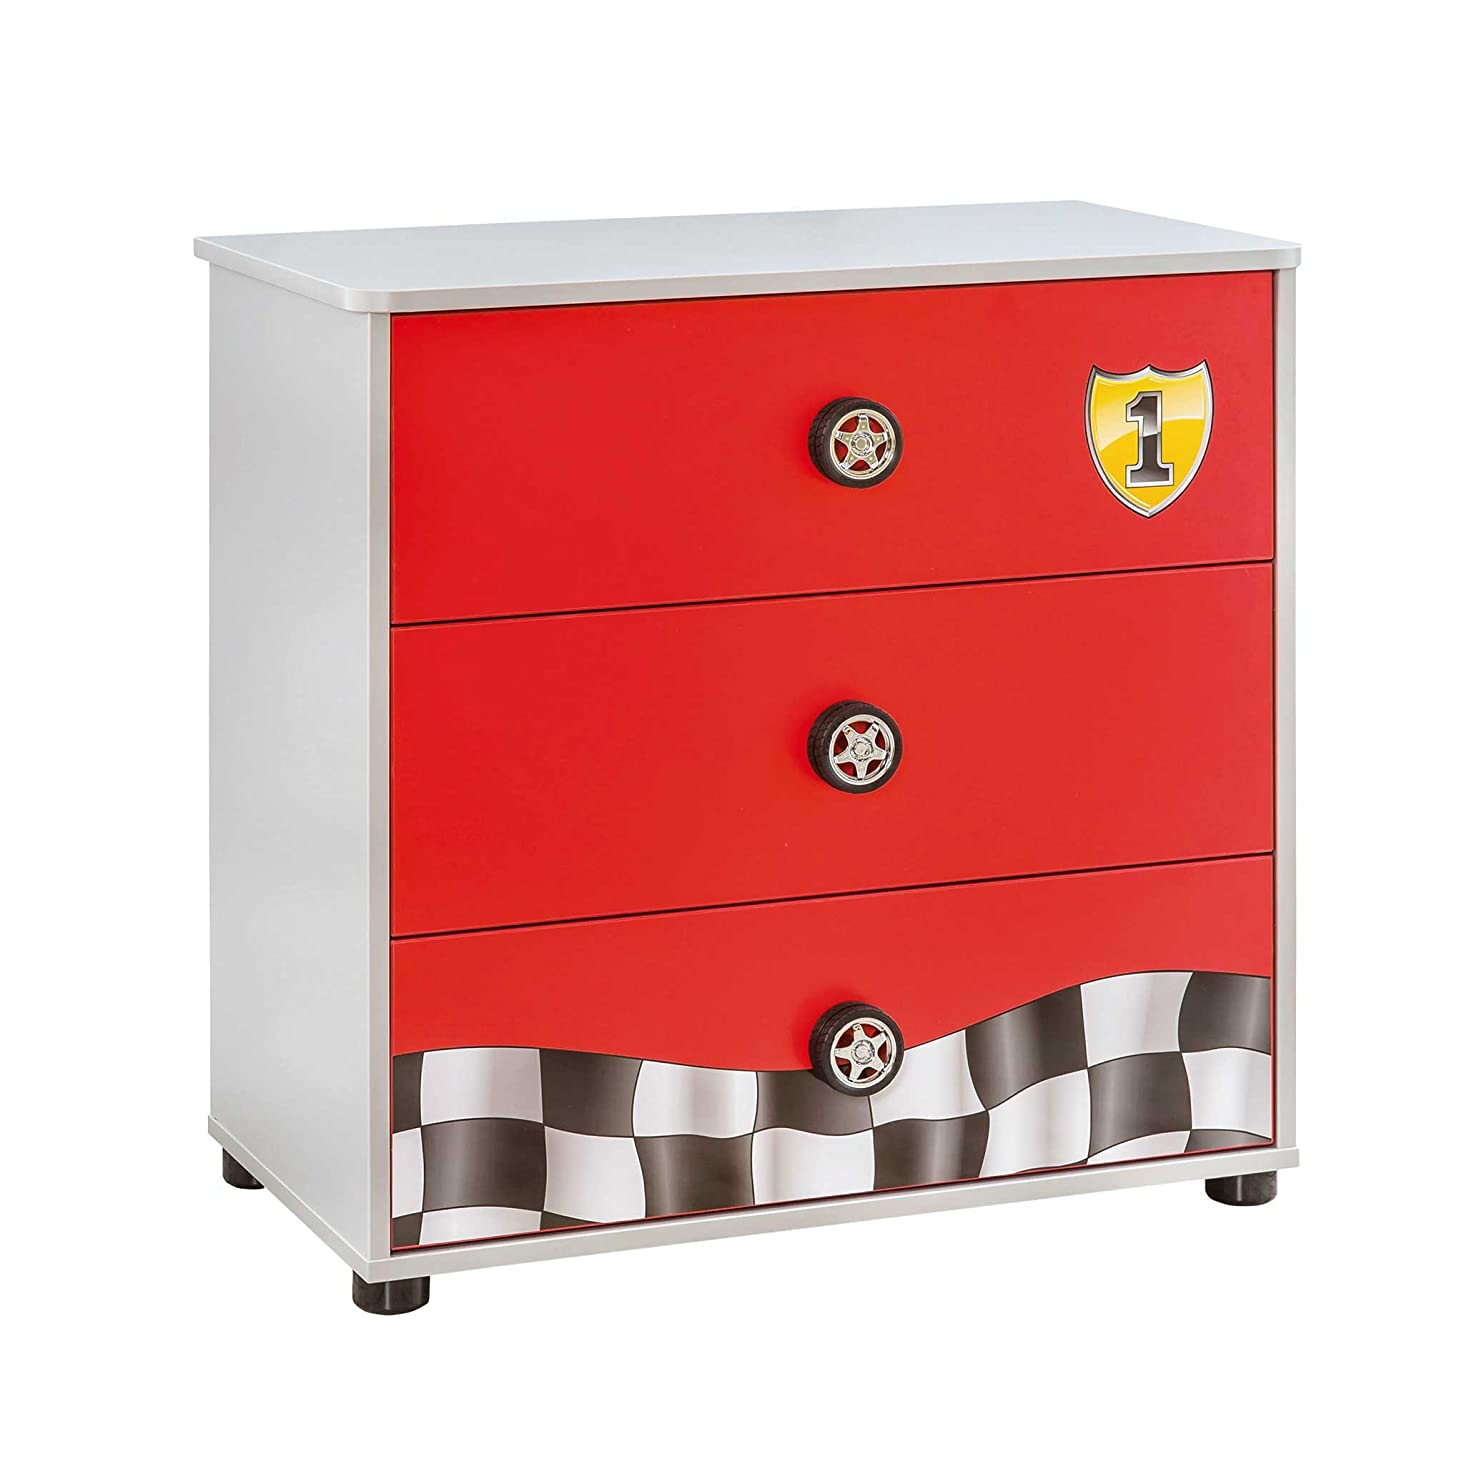 静けさ感染する不適切なCilek Race Cup 4 Drawer Dresser, Red 141[並行輸入]